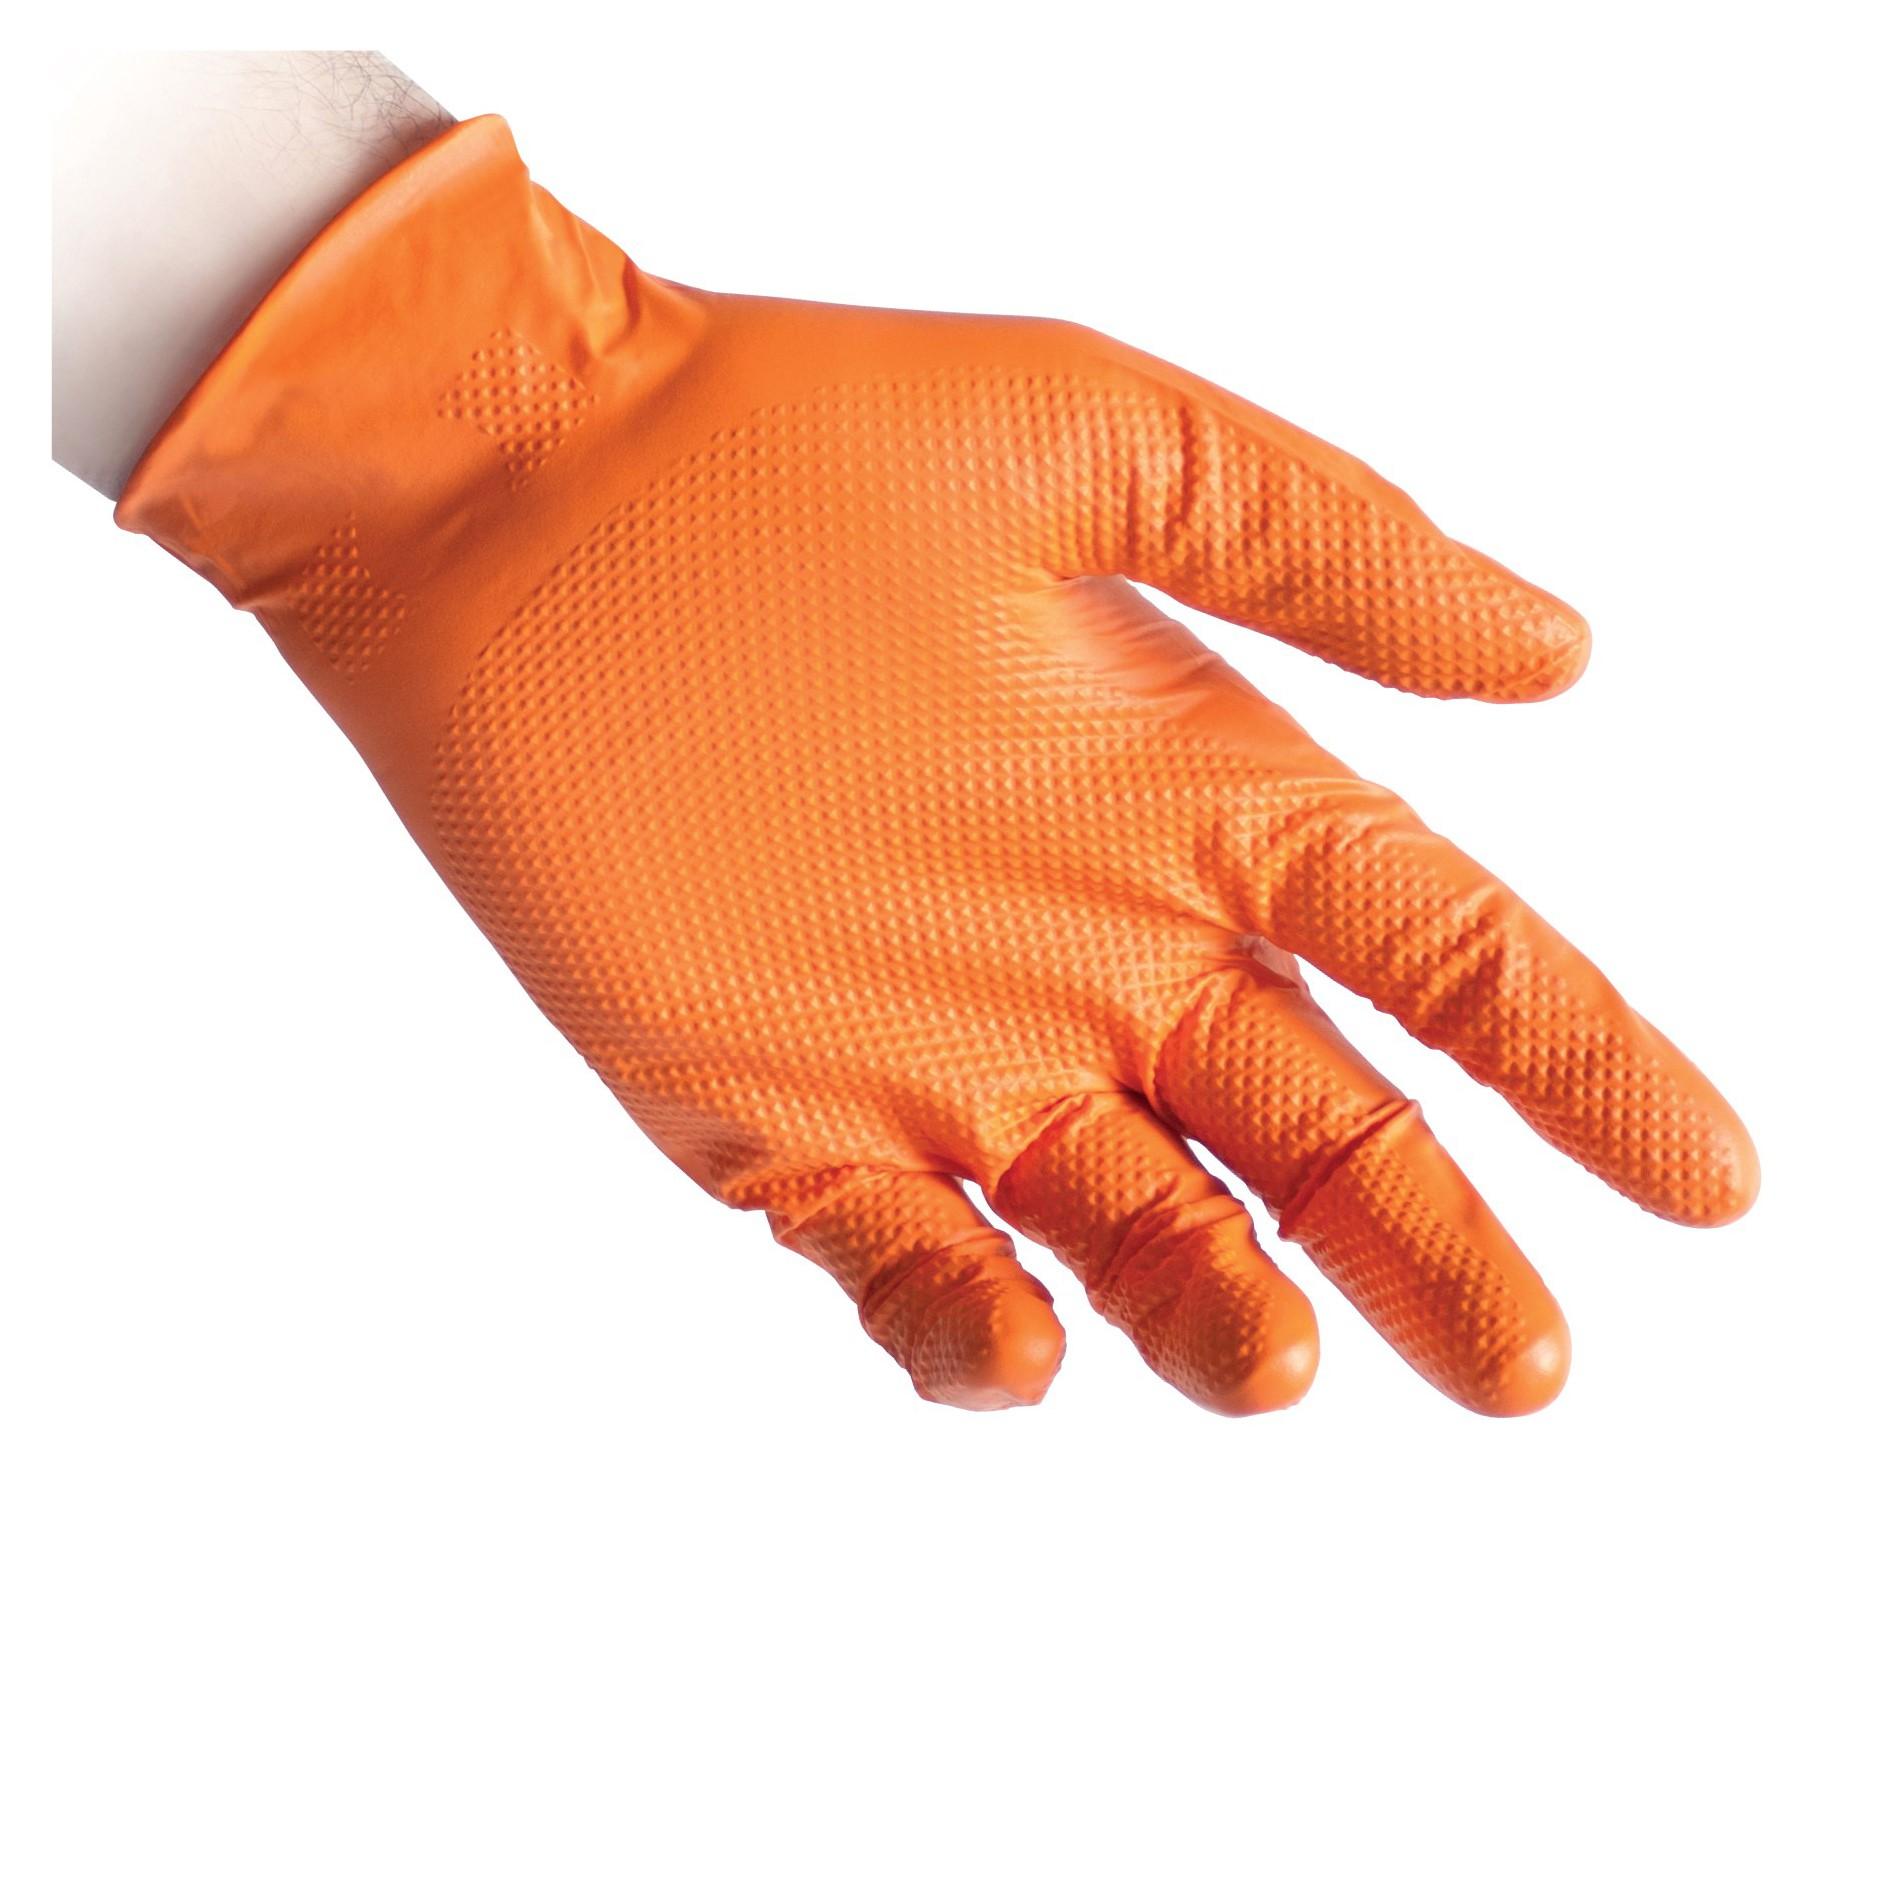 Calzature di sicurezza per Dermatite da contatto Safety